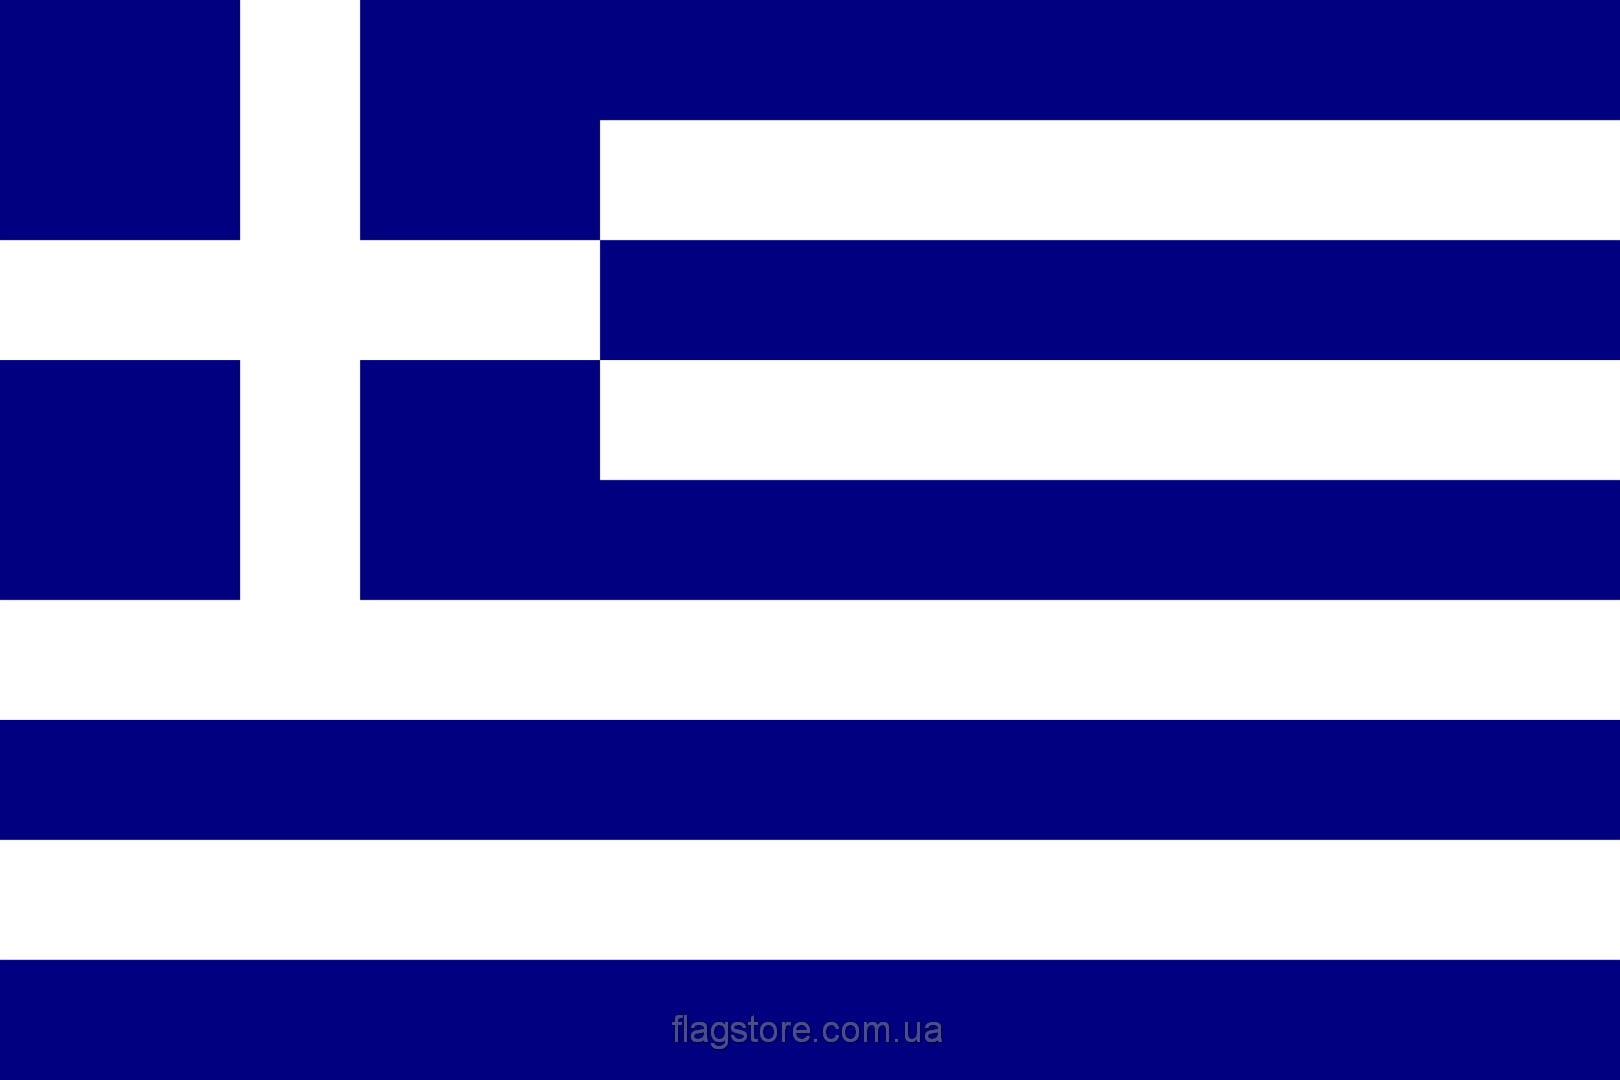 Купить флаг Греции (страны Греция)